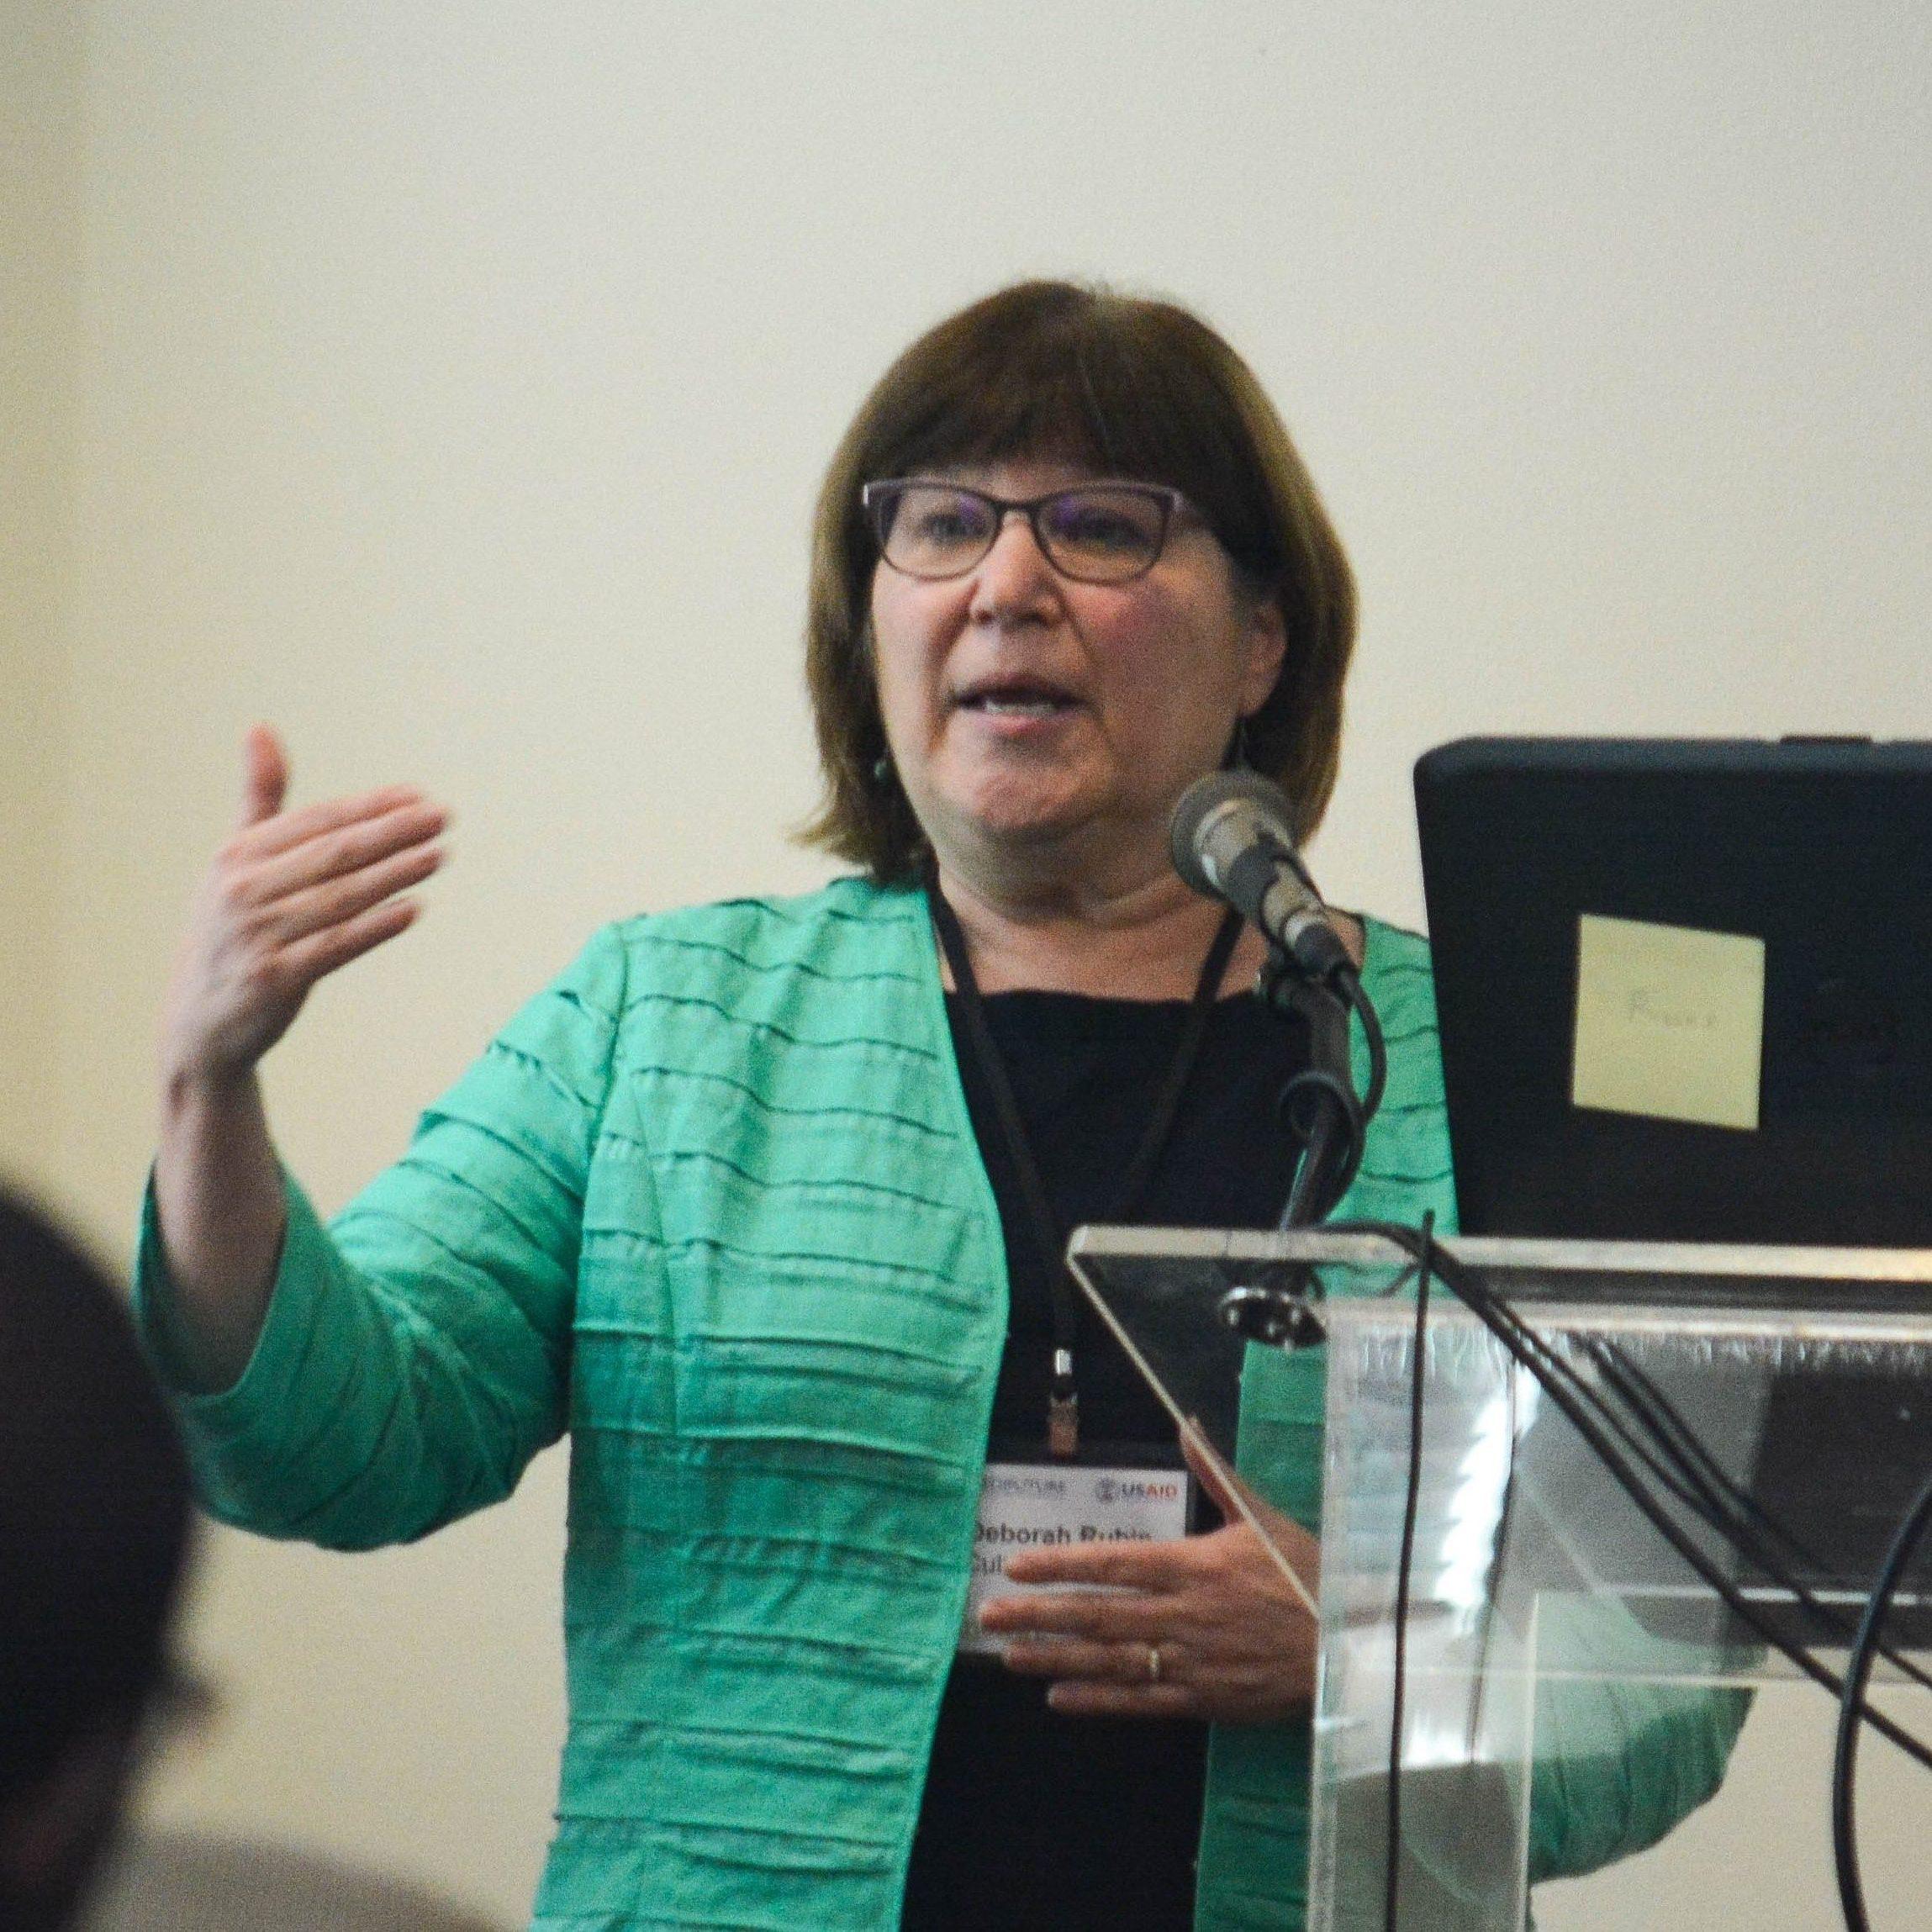 Dr. Deborah Rubin